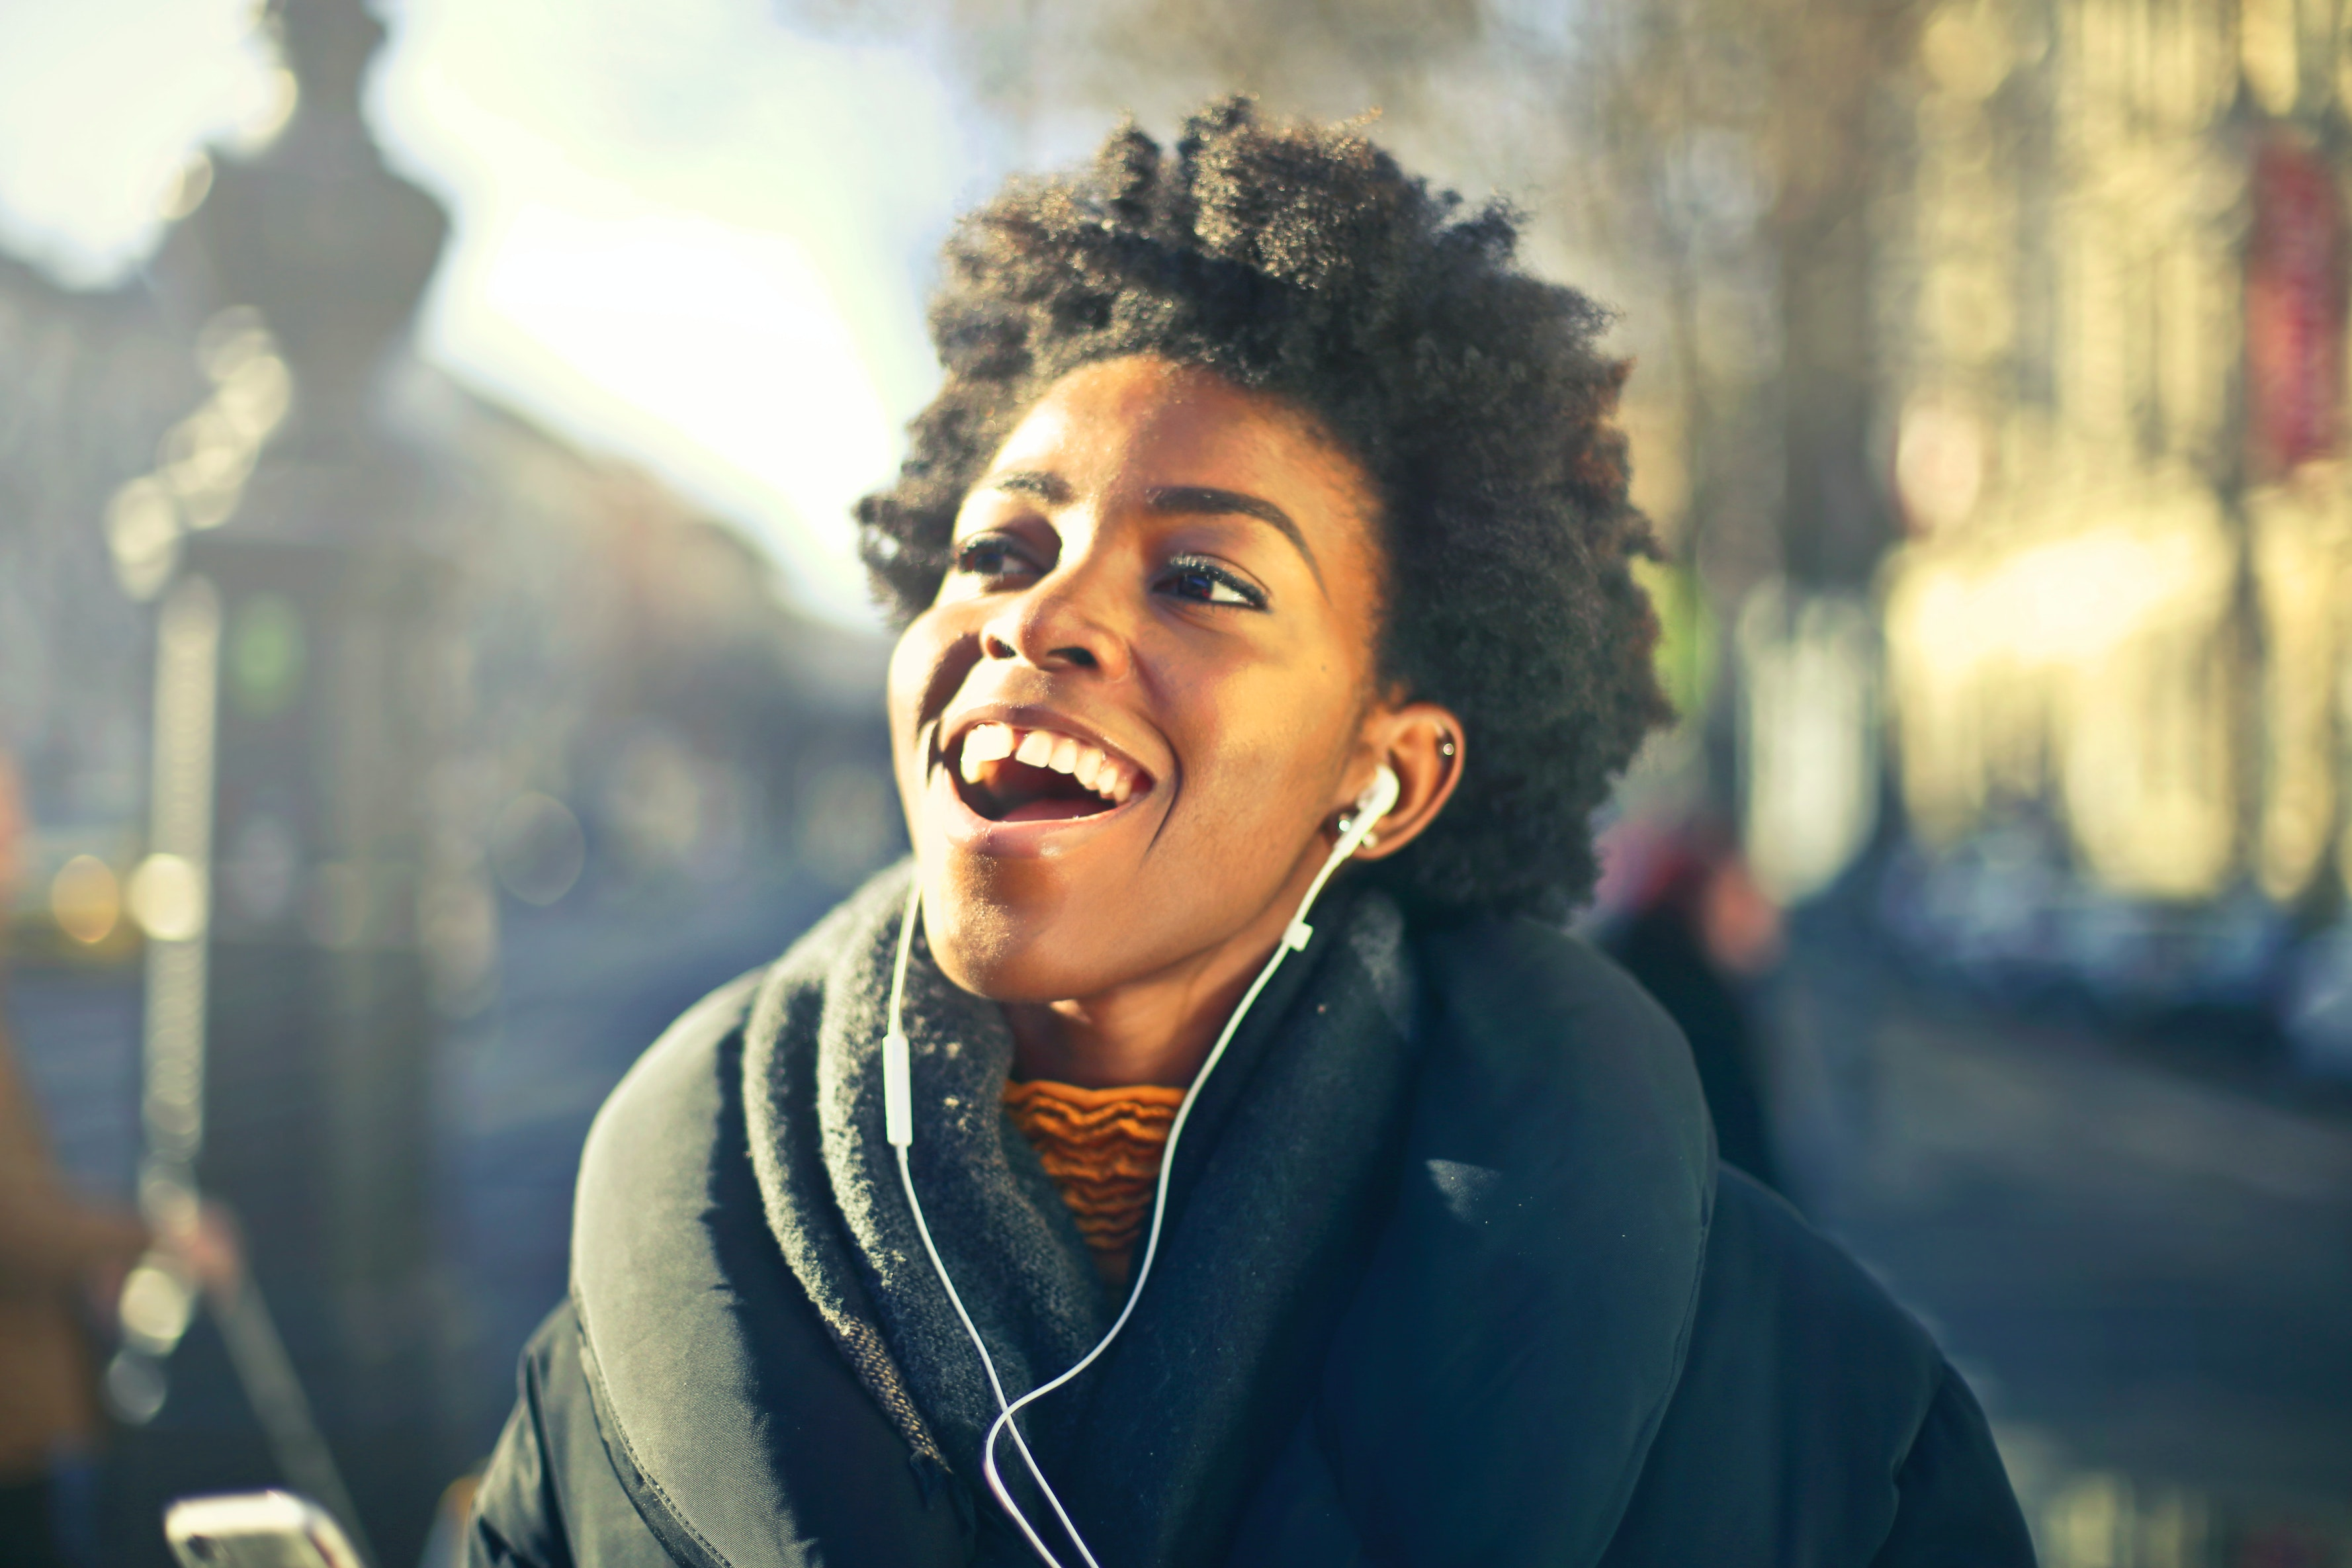 La musique est bonne pour notre santé !